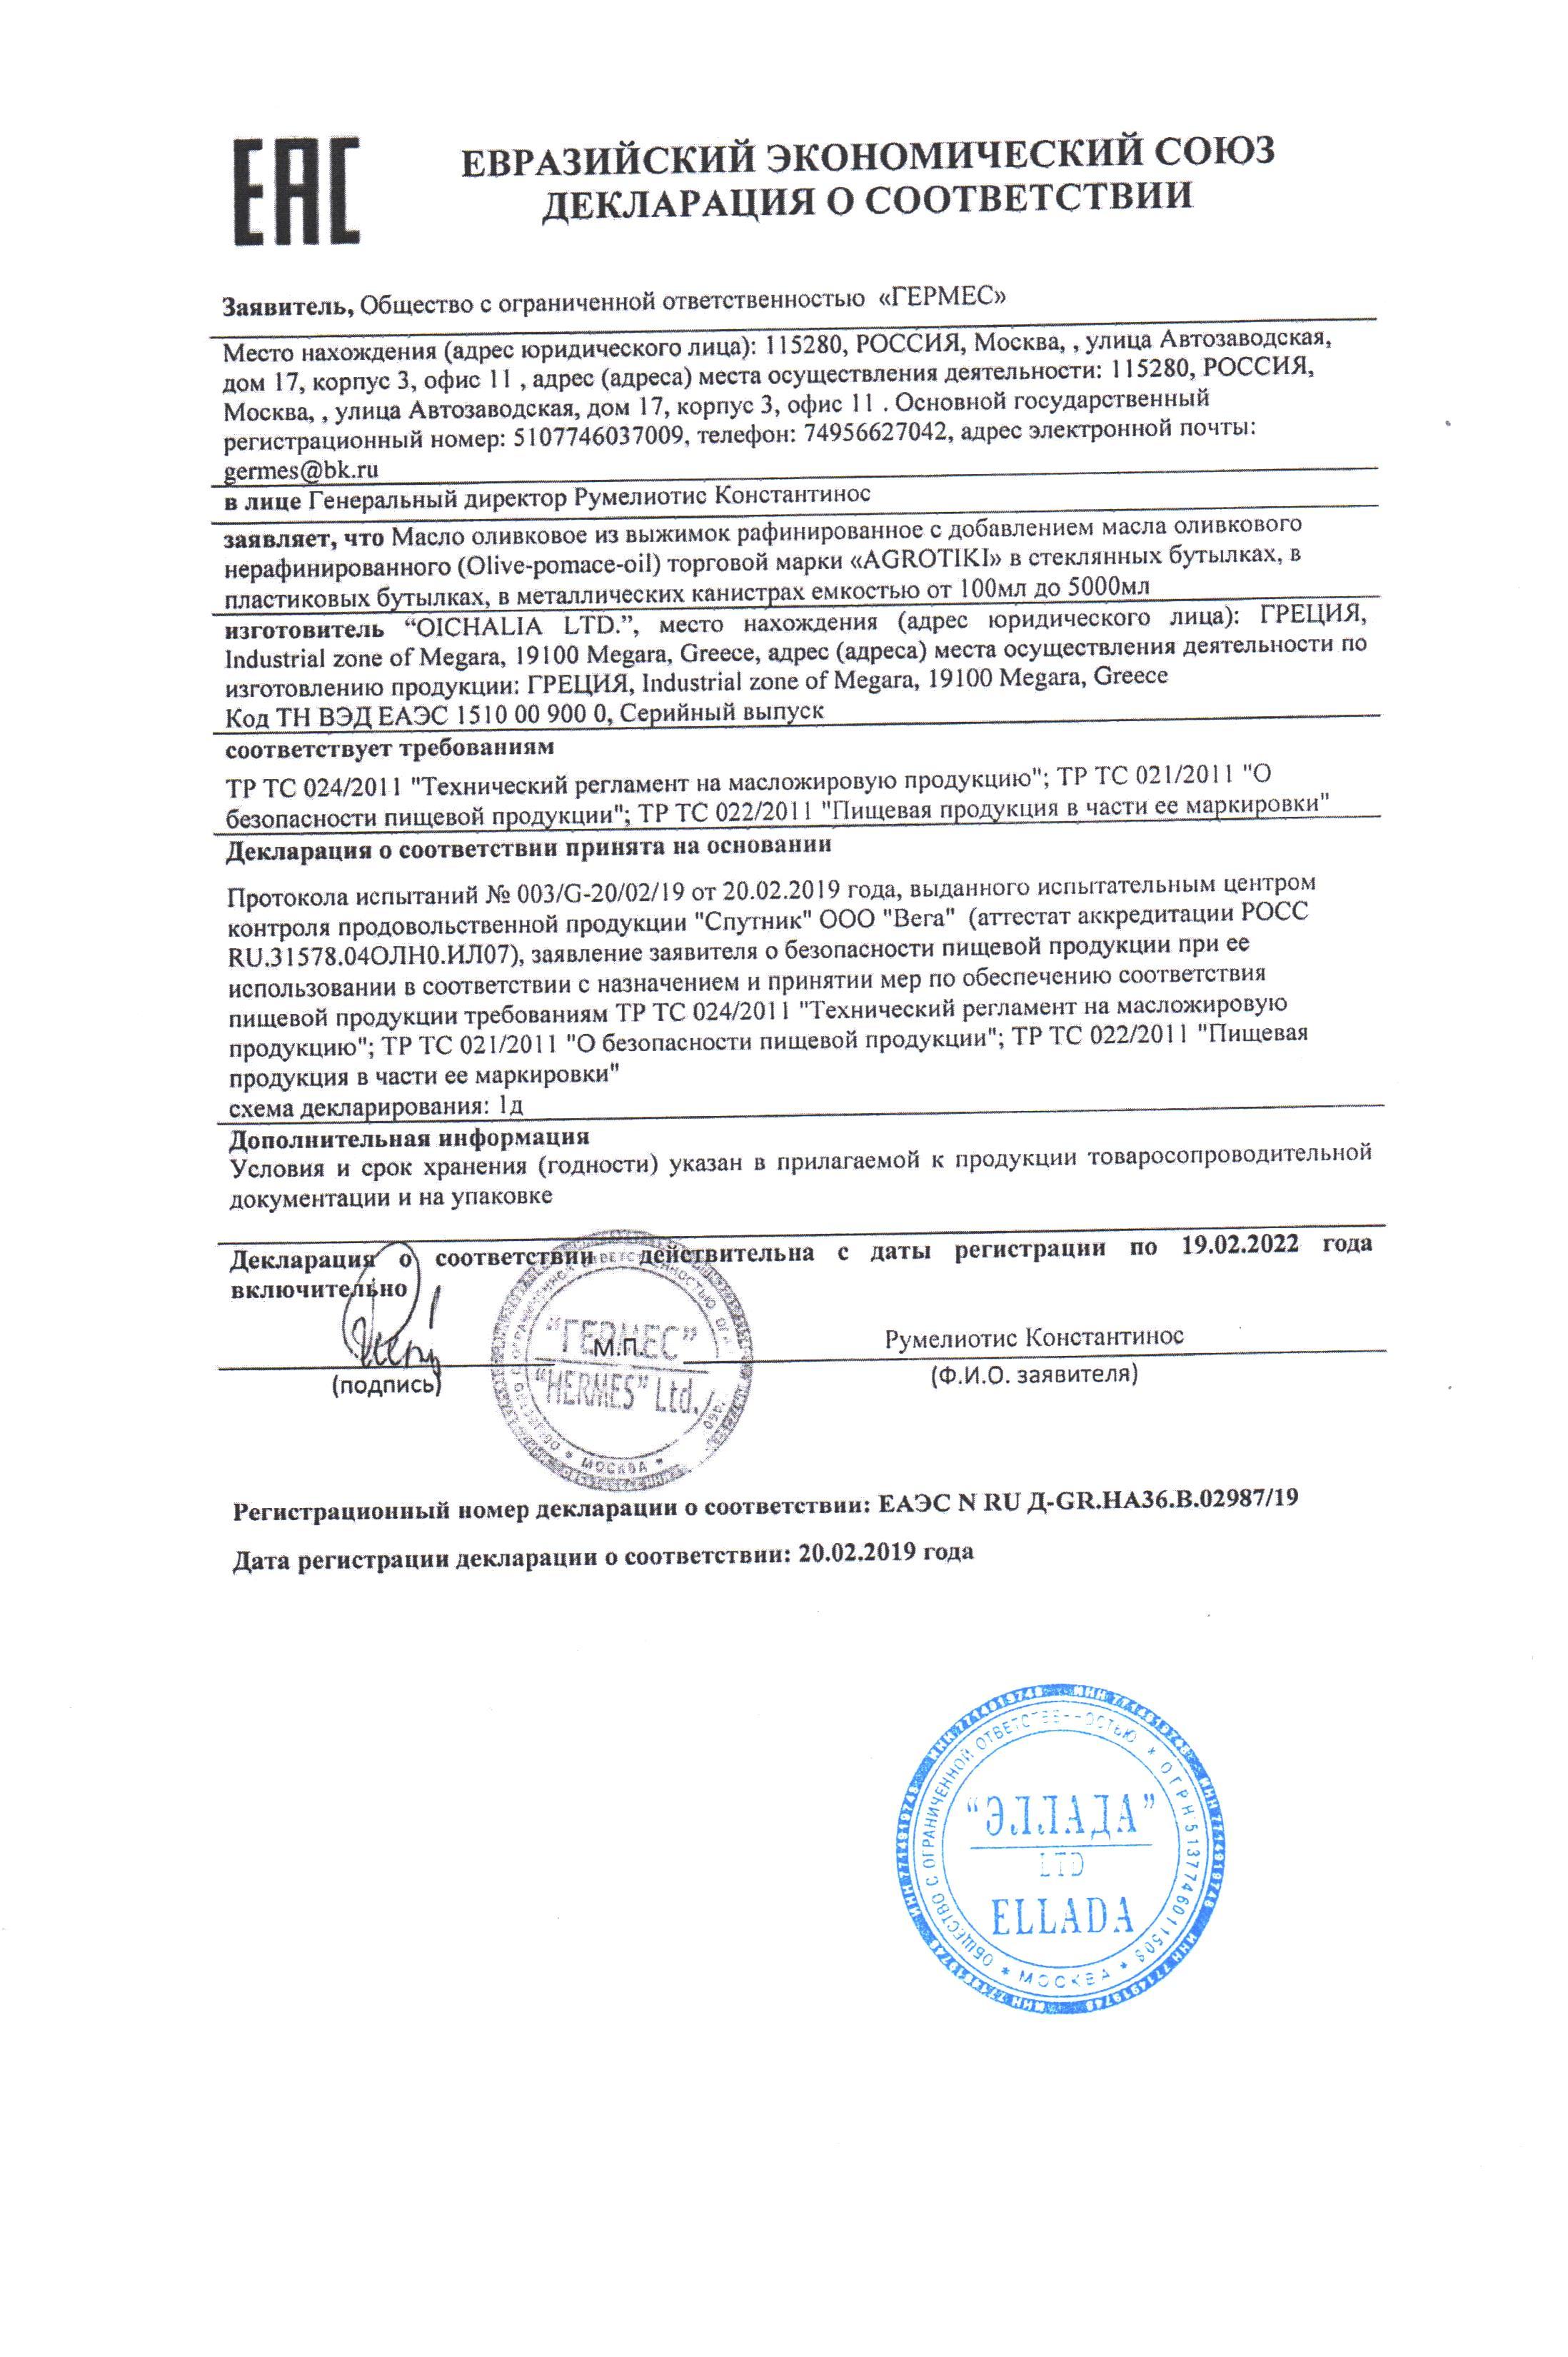 Декларация соотвествия Agrotiki оливковое масло pomace